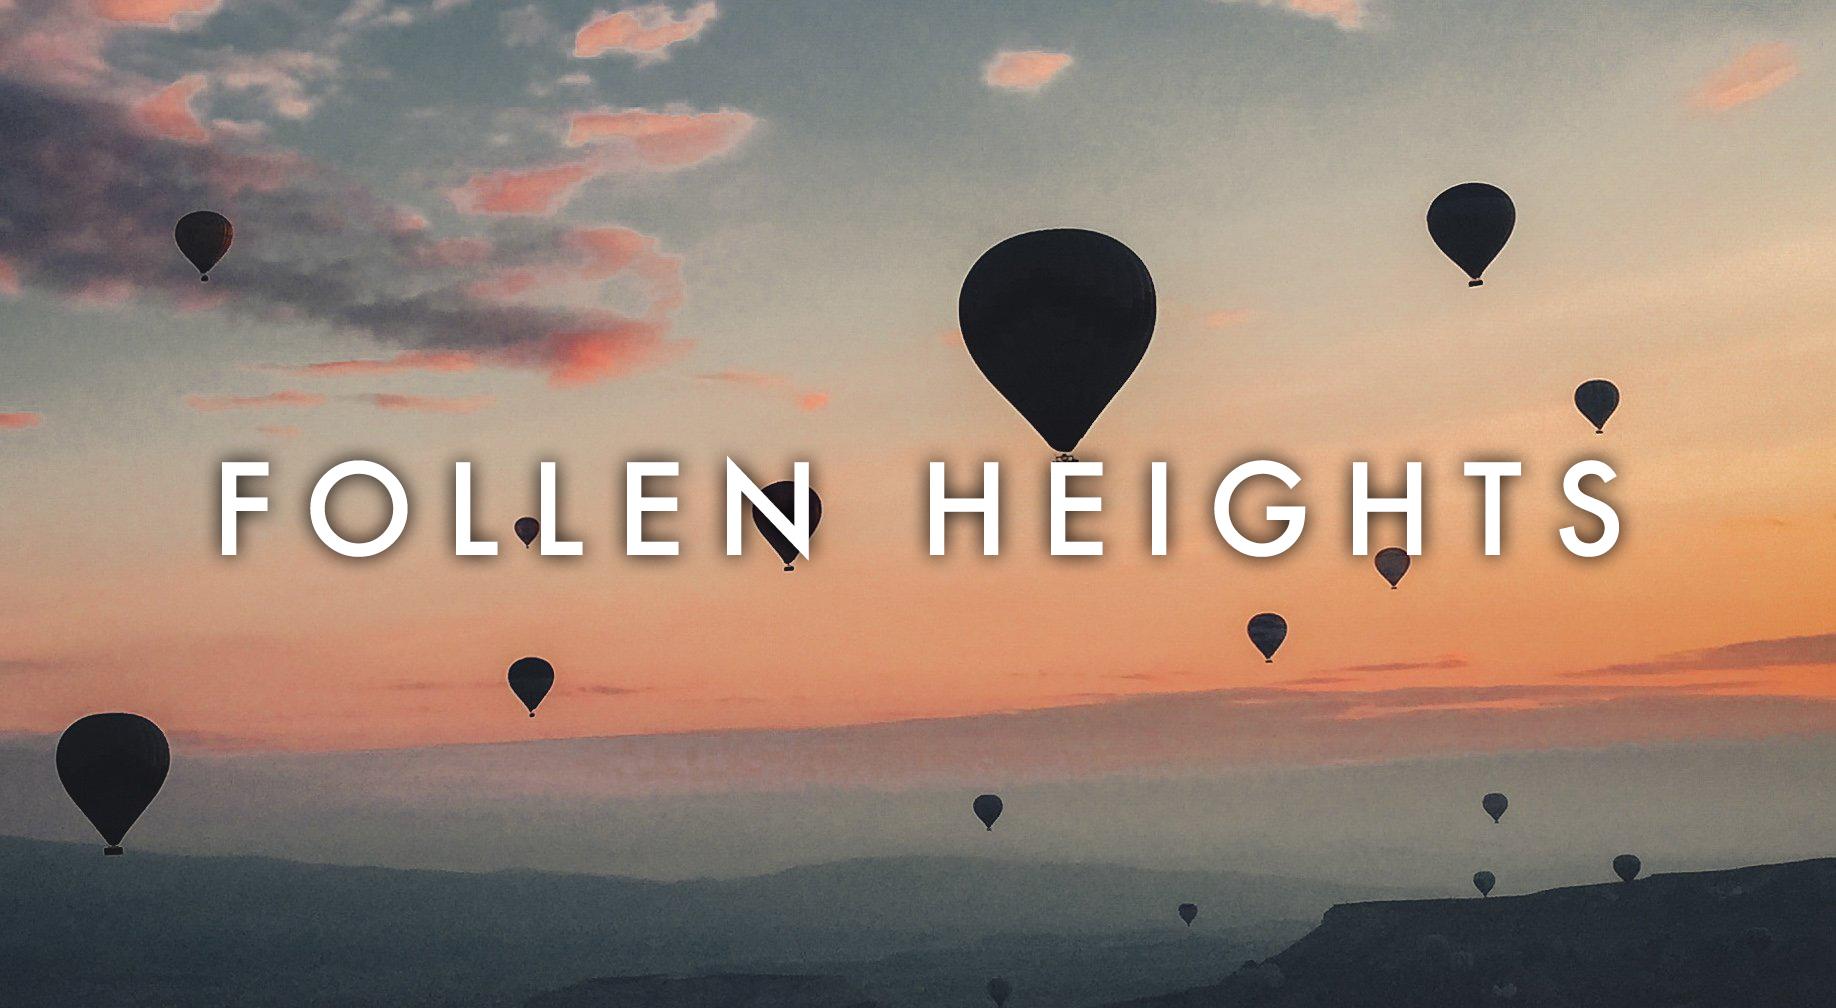 follen heights, lexington